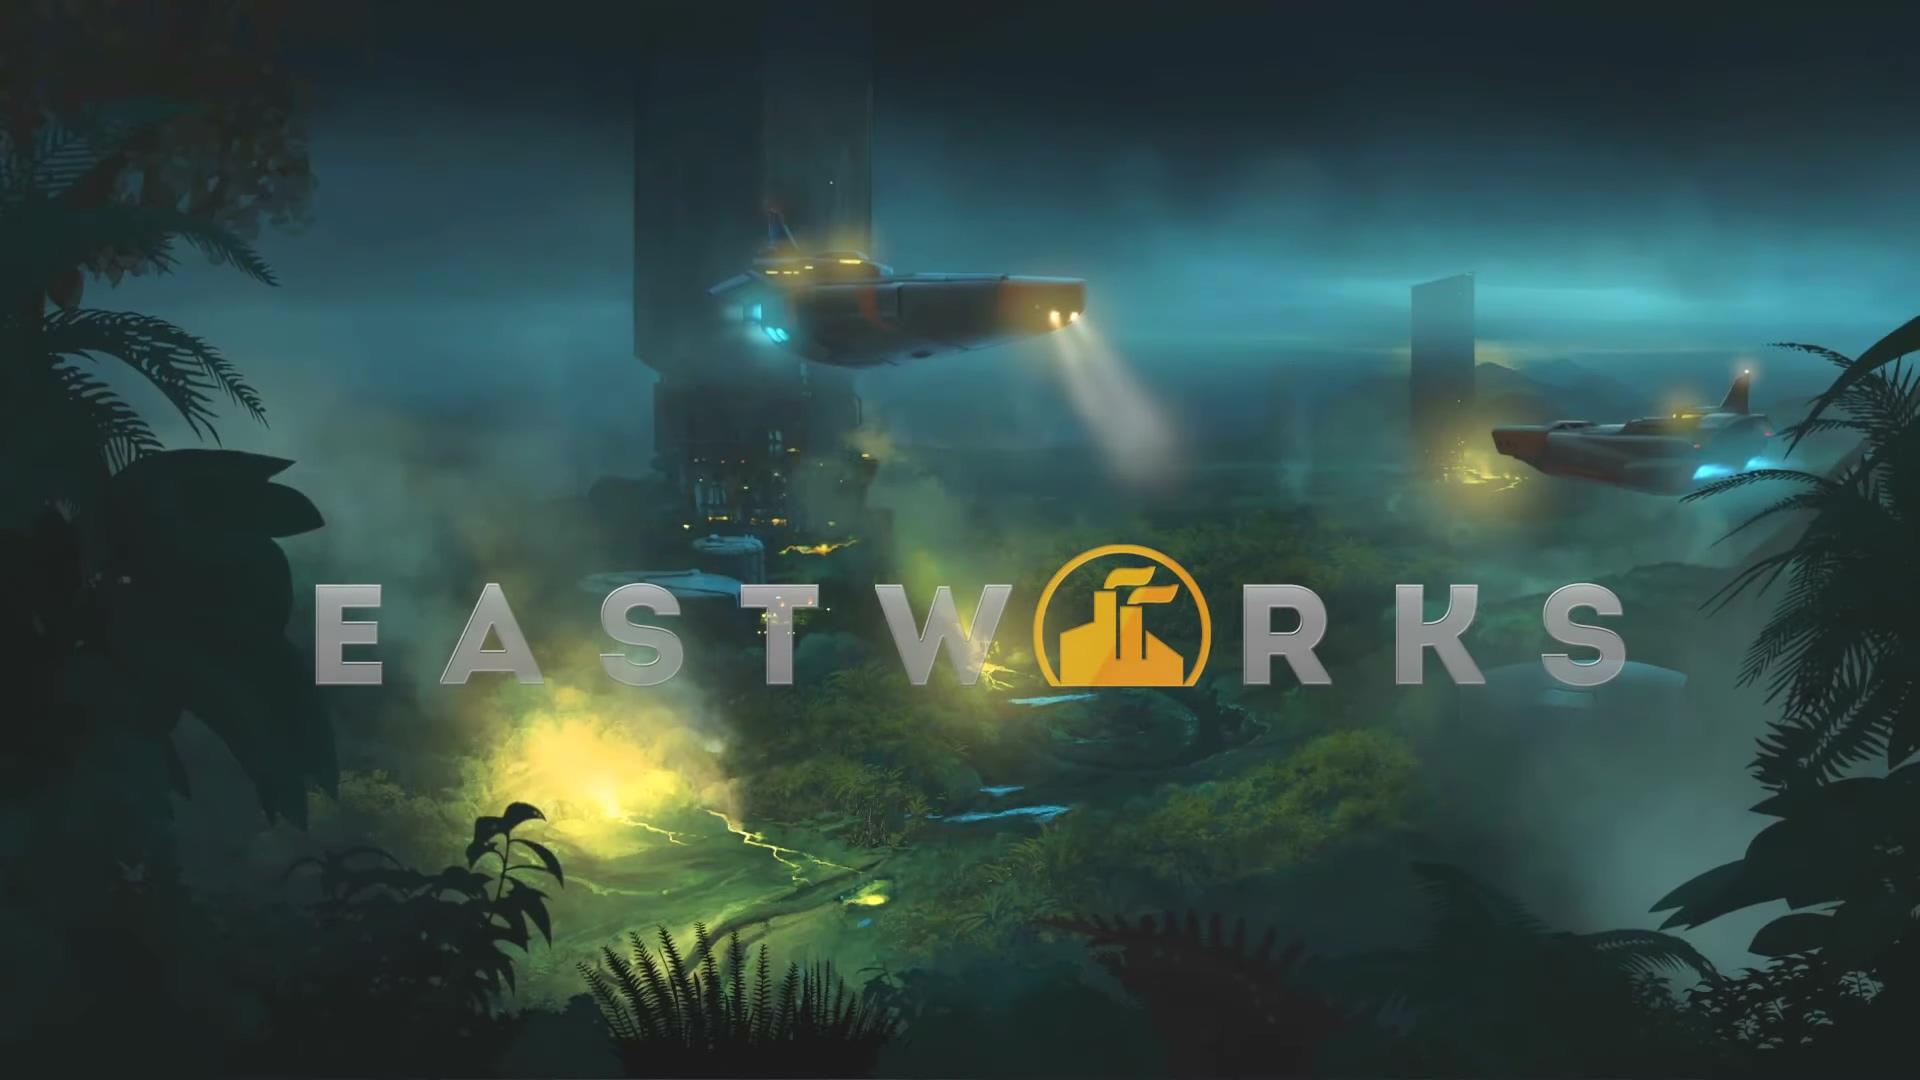 科幻RTS游戏新作《灰区》明年3月登陆抢先体验